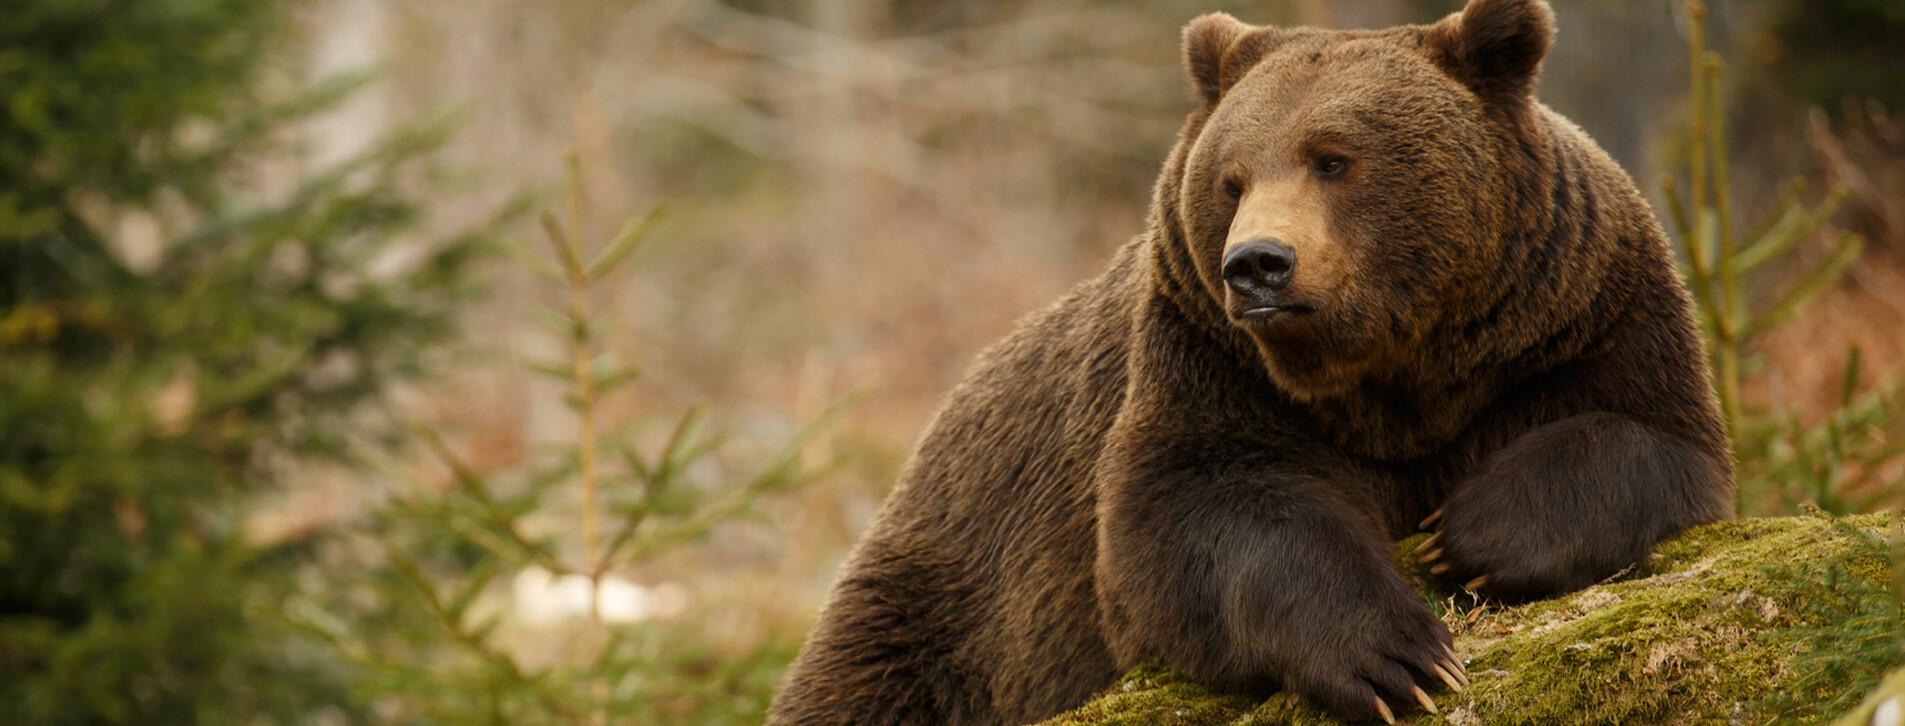 Фото 1 - Экскурсия в медвежий приют с завтраком для двоих